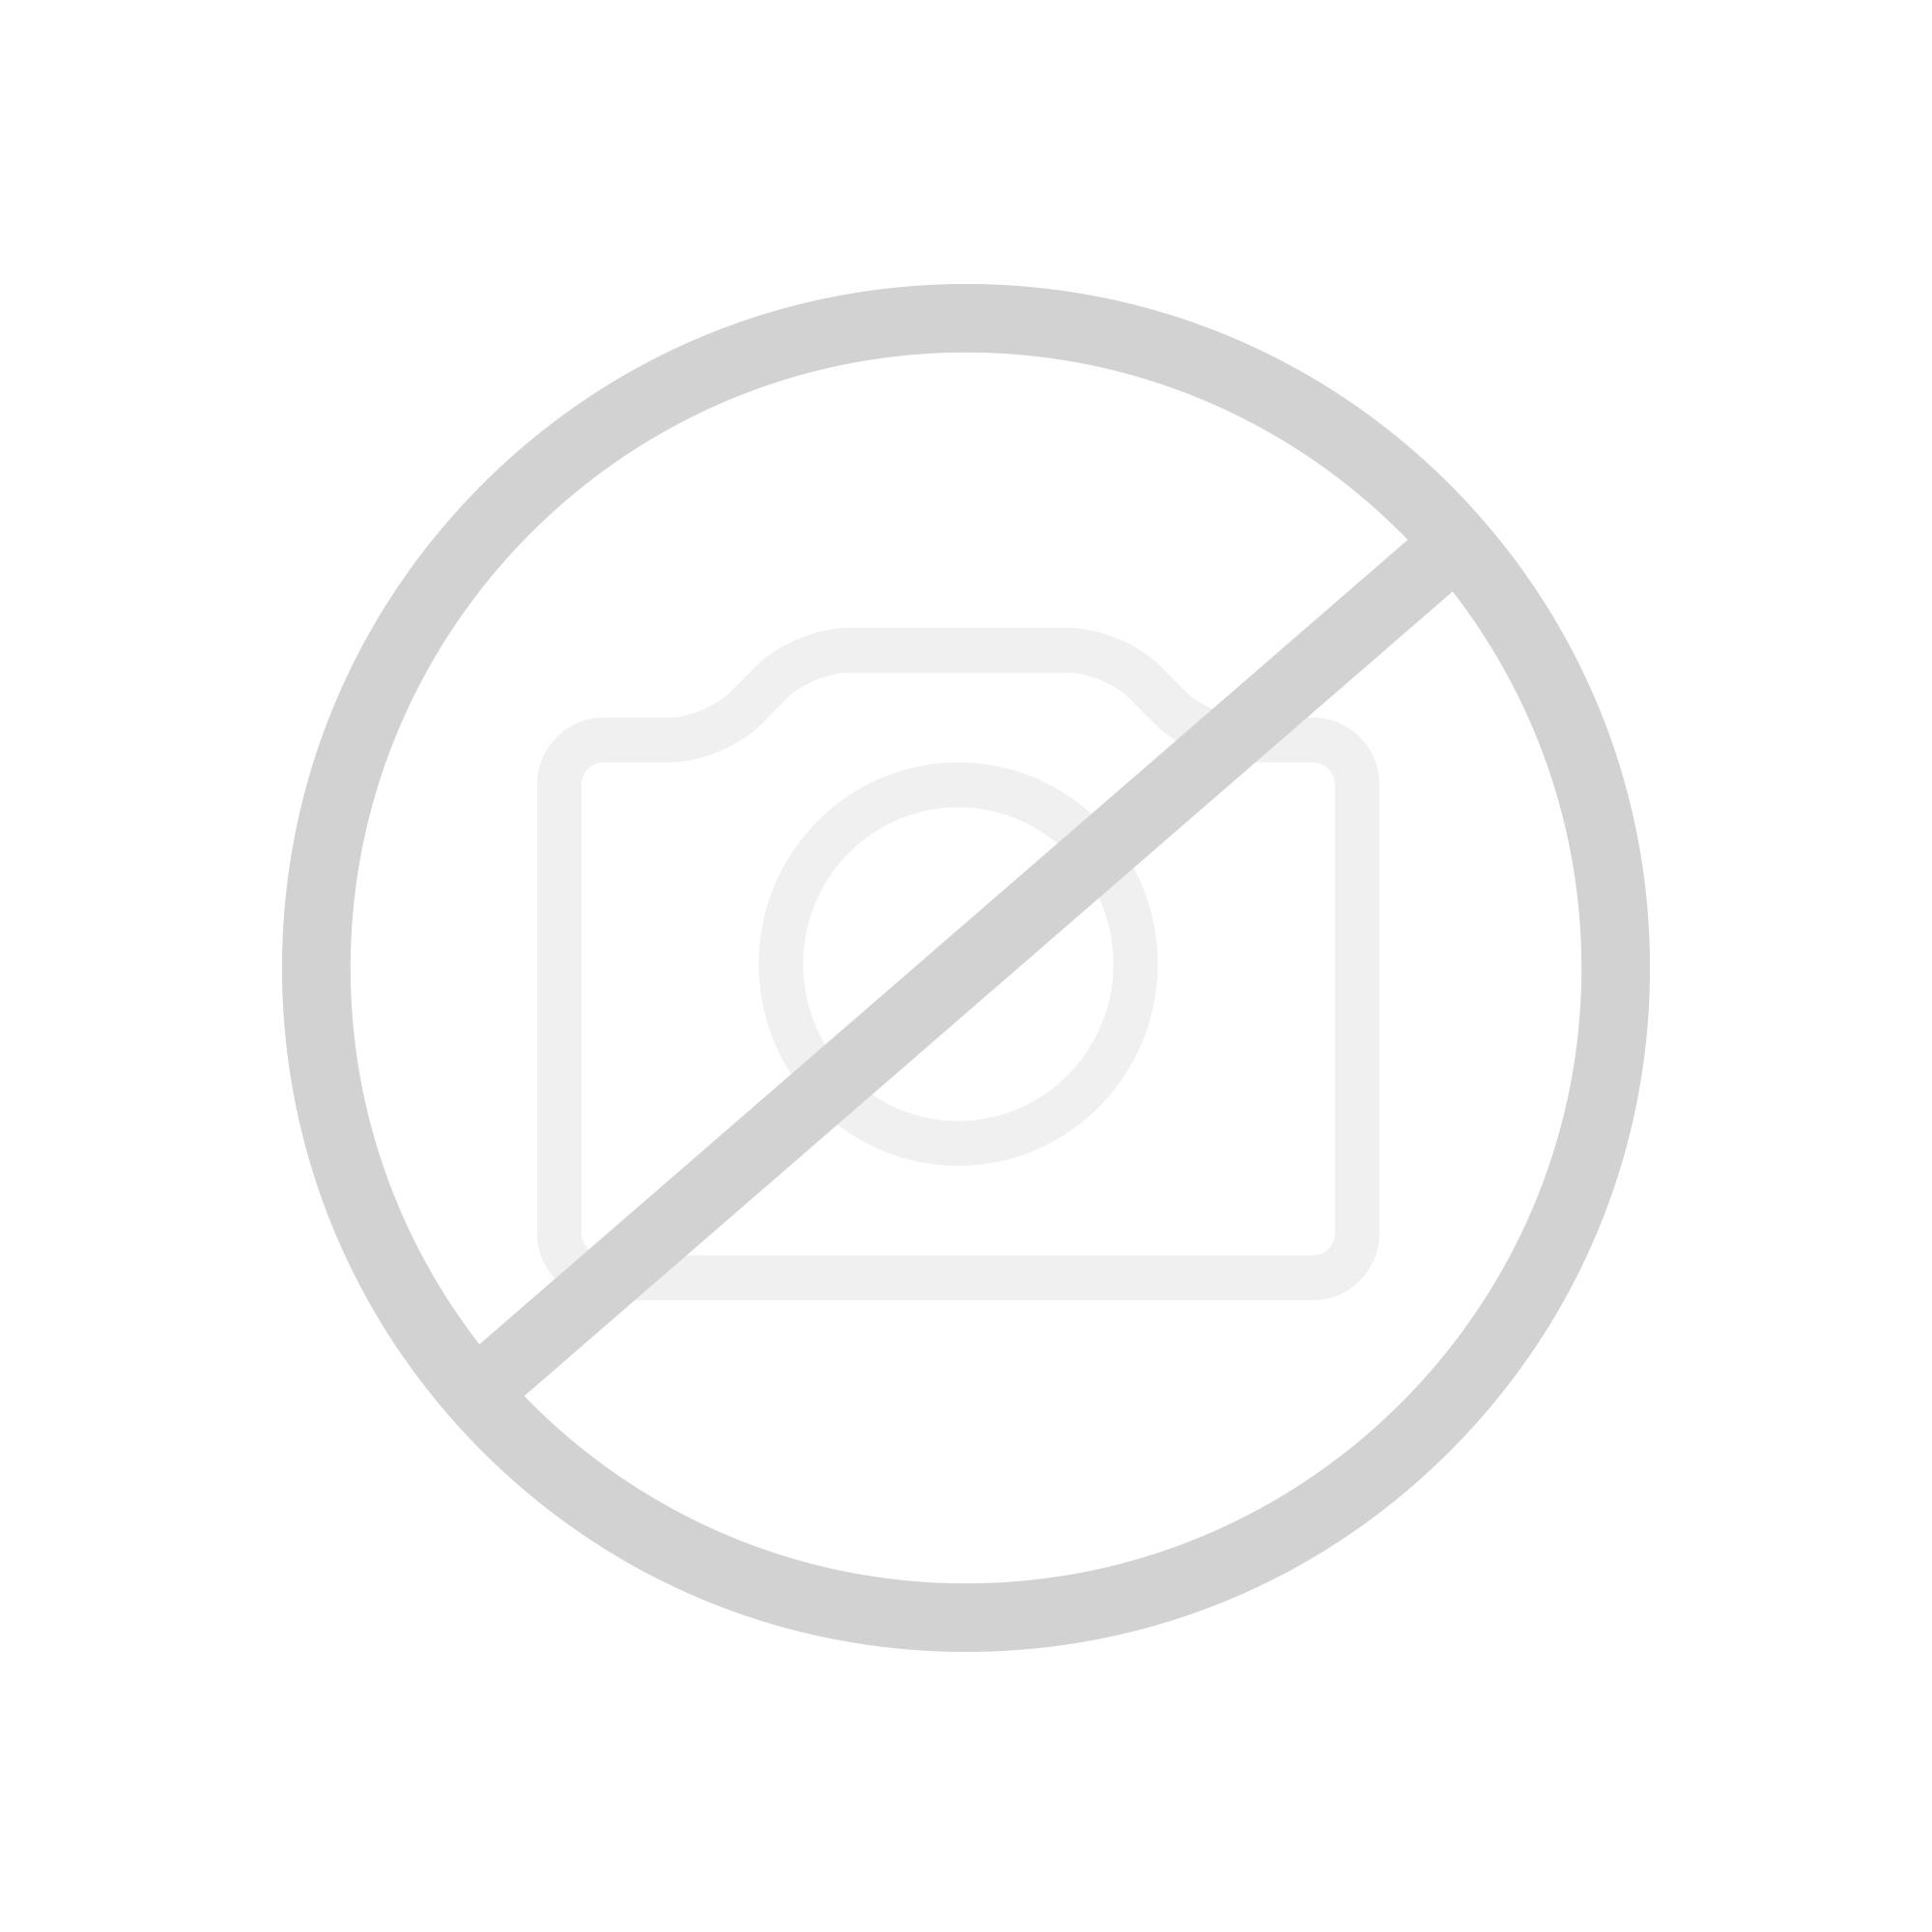 Blanco Orion-S Einhebelmischer, Ausladung 220 mm, Brause ausziehbar, für Niederdruck